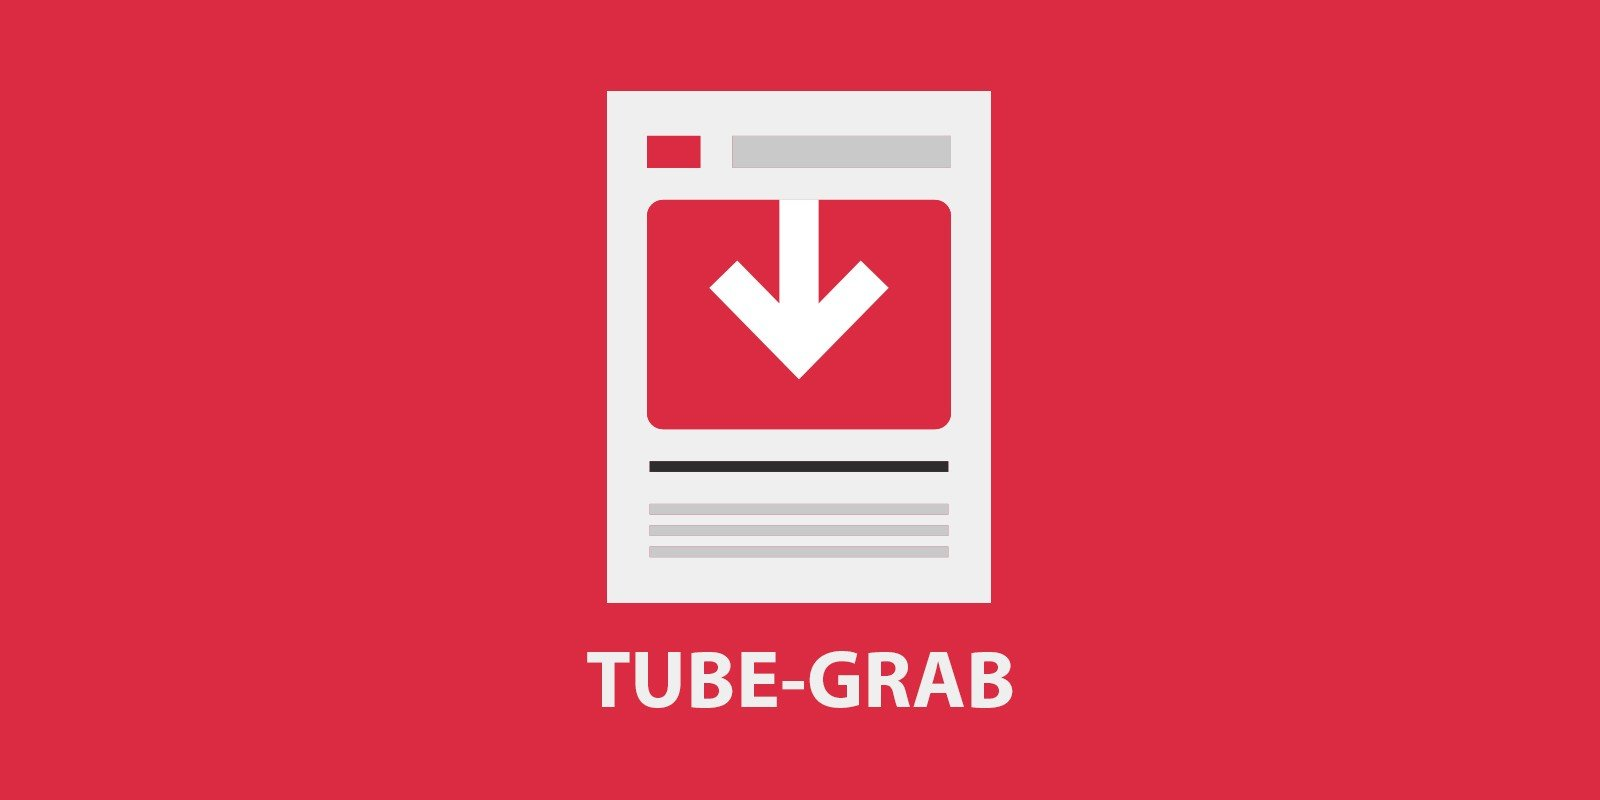 TubeGrab - Material Design YouTube Downloader